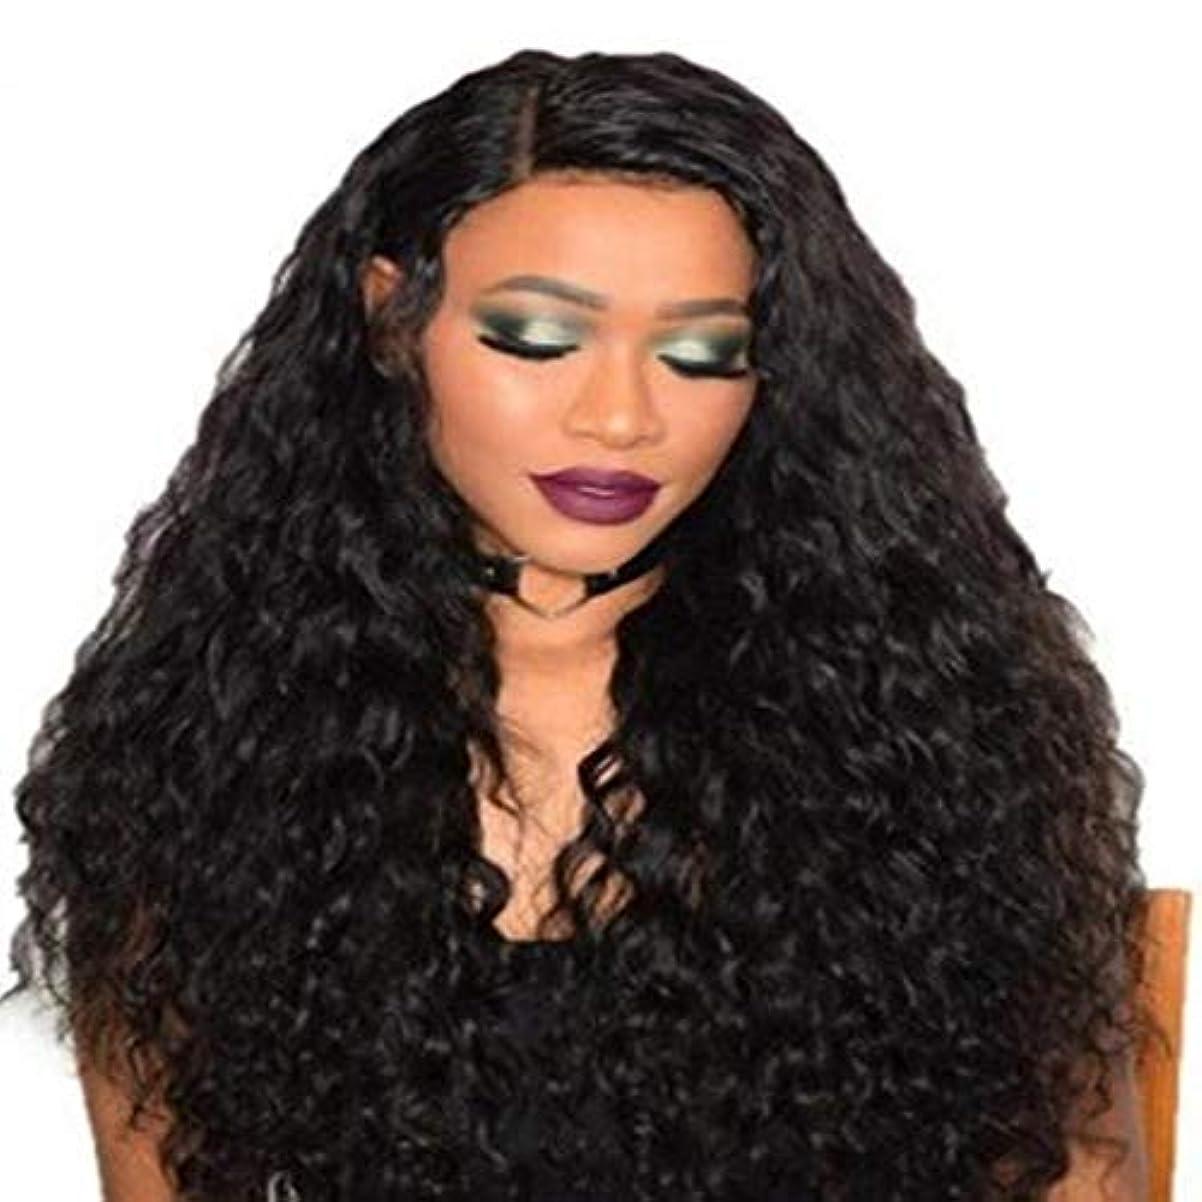 症候群加入冷淡な女性の黒いトウモロコシ長い巻き毛のかつら75 cm